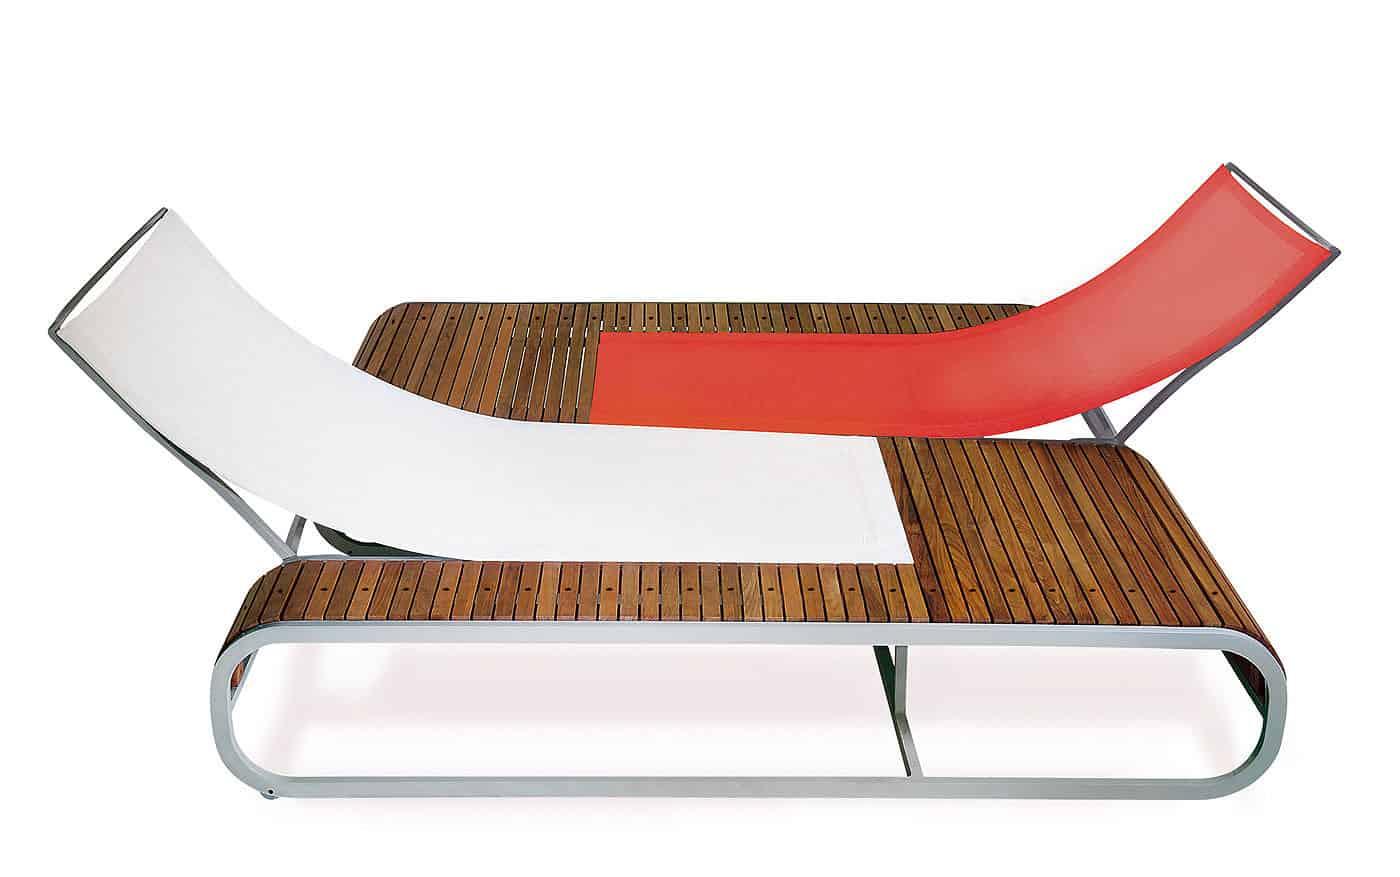 blaue sonnenliege und sonnenliegen garten kaufen. Black Bedroom Furniture Sets. Home Design Ideas